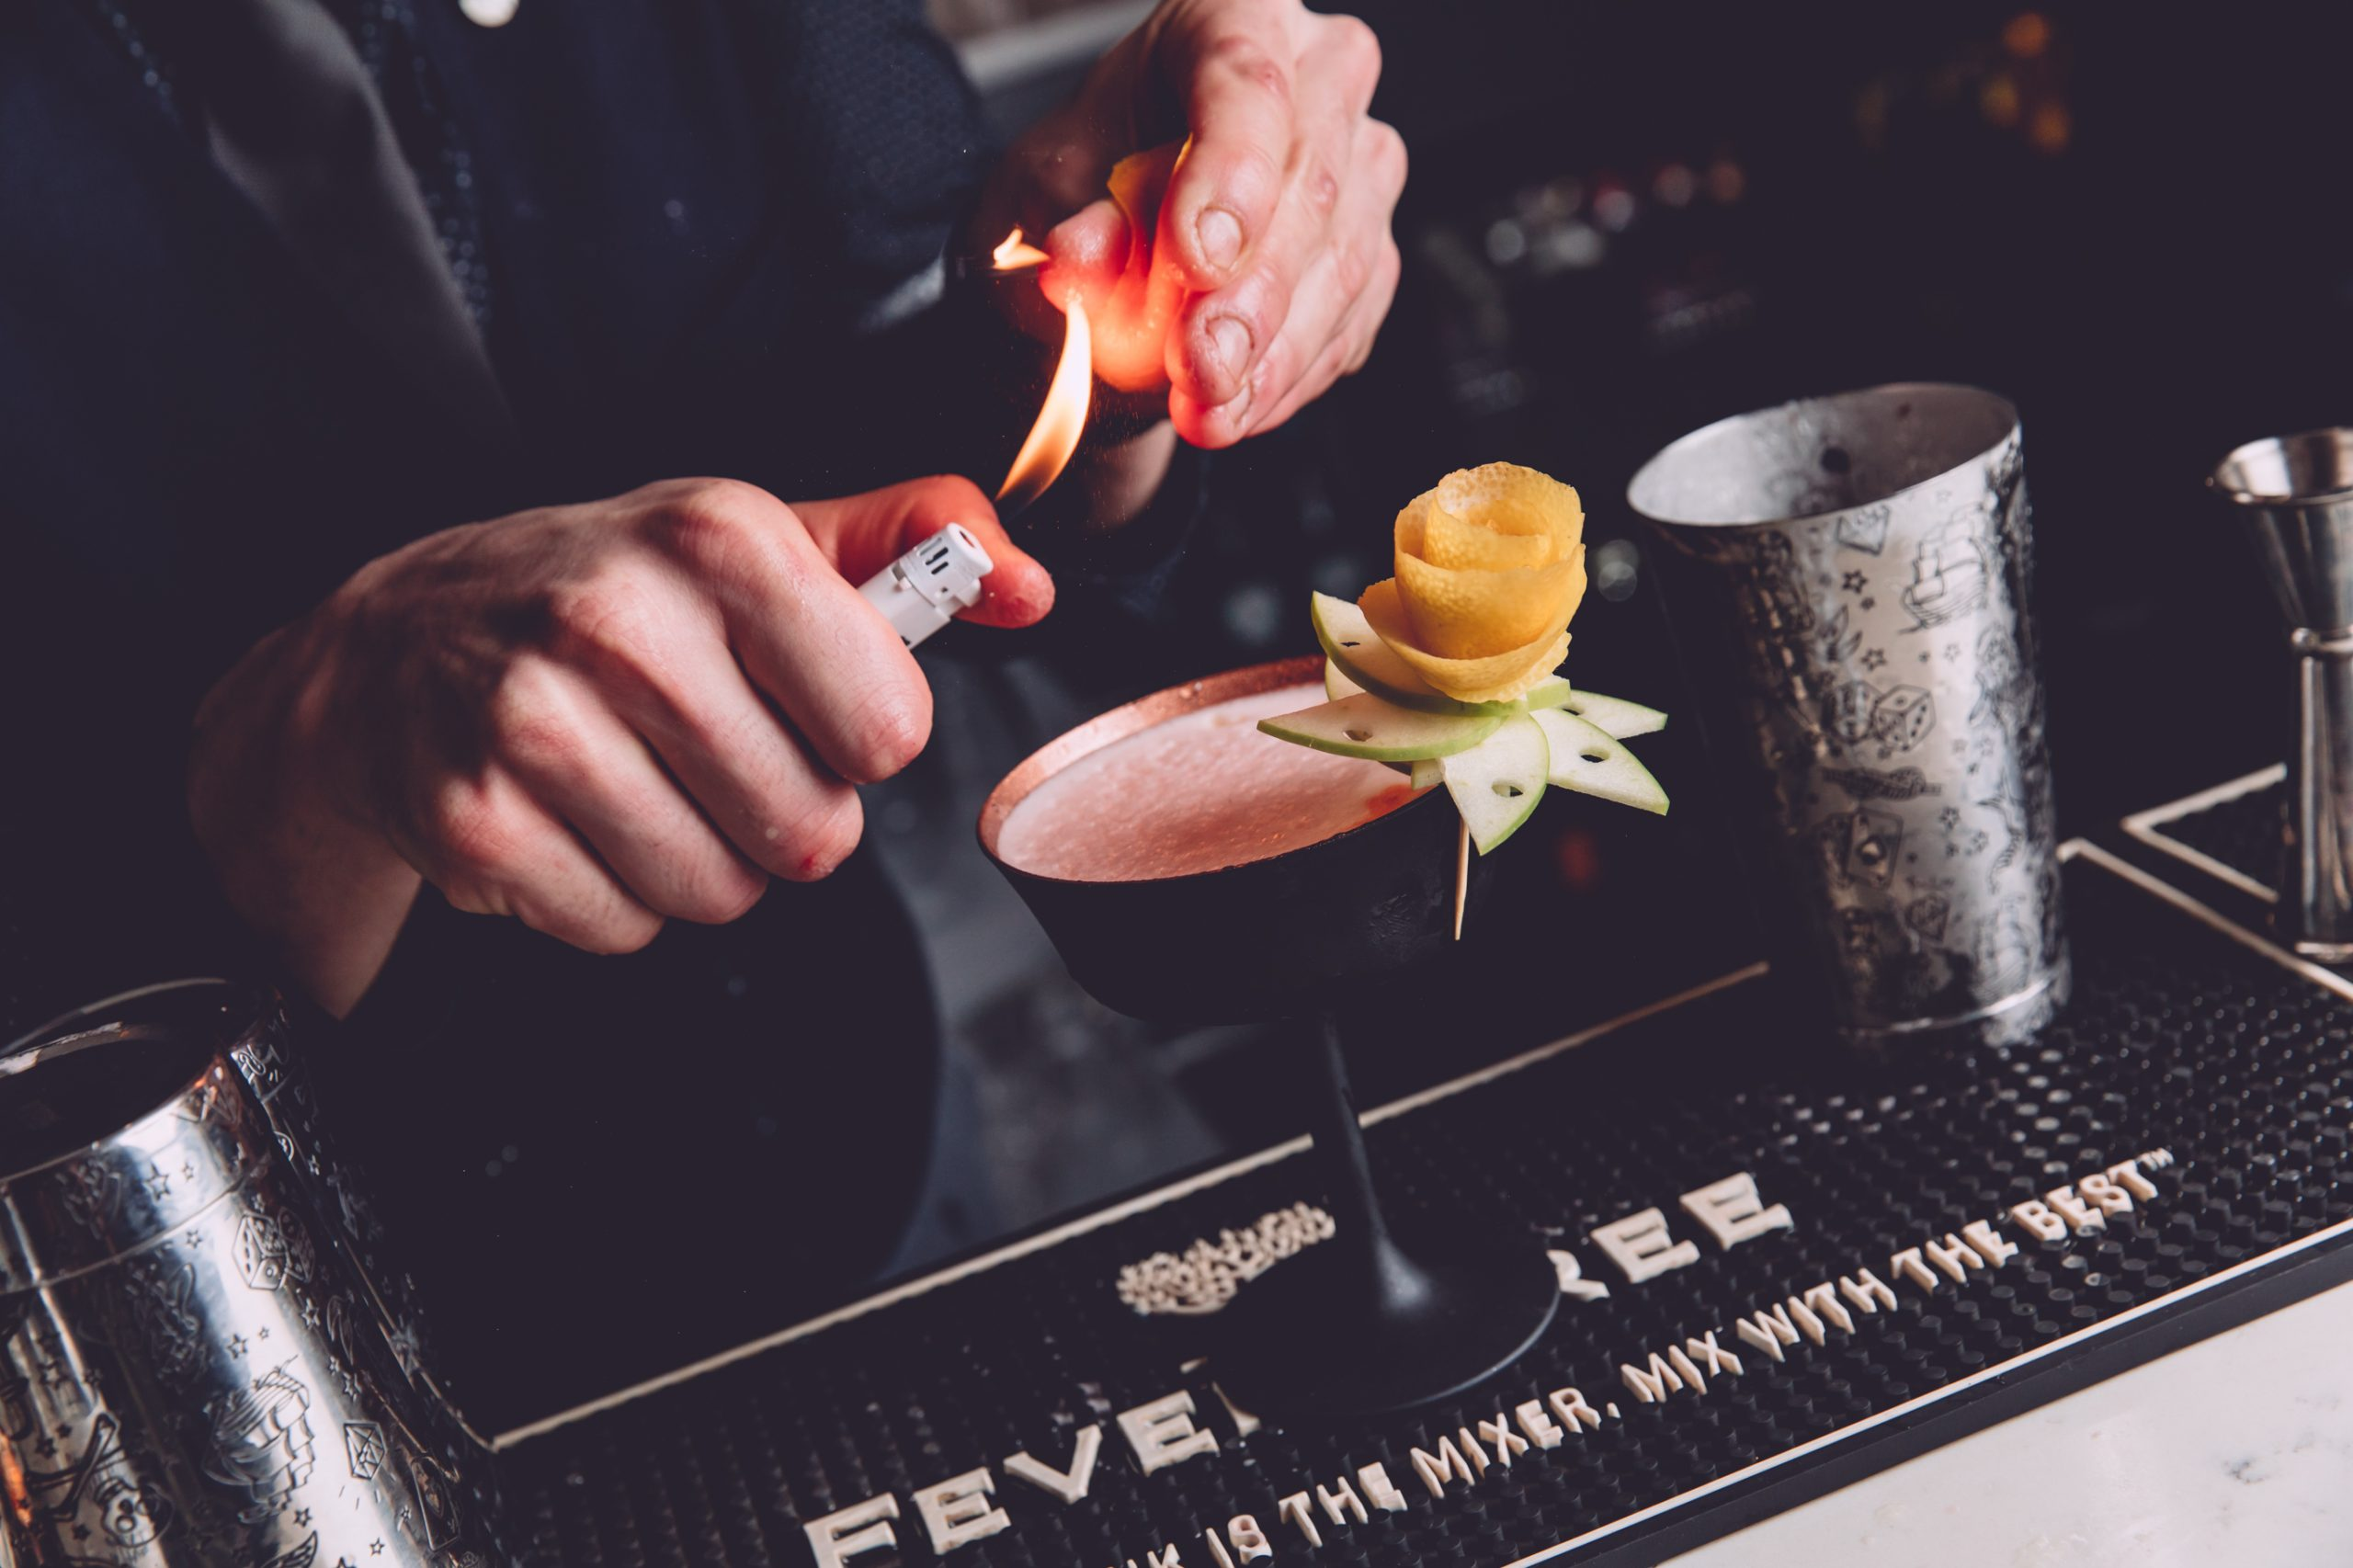 cocktail photography at Hummings Bar